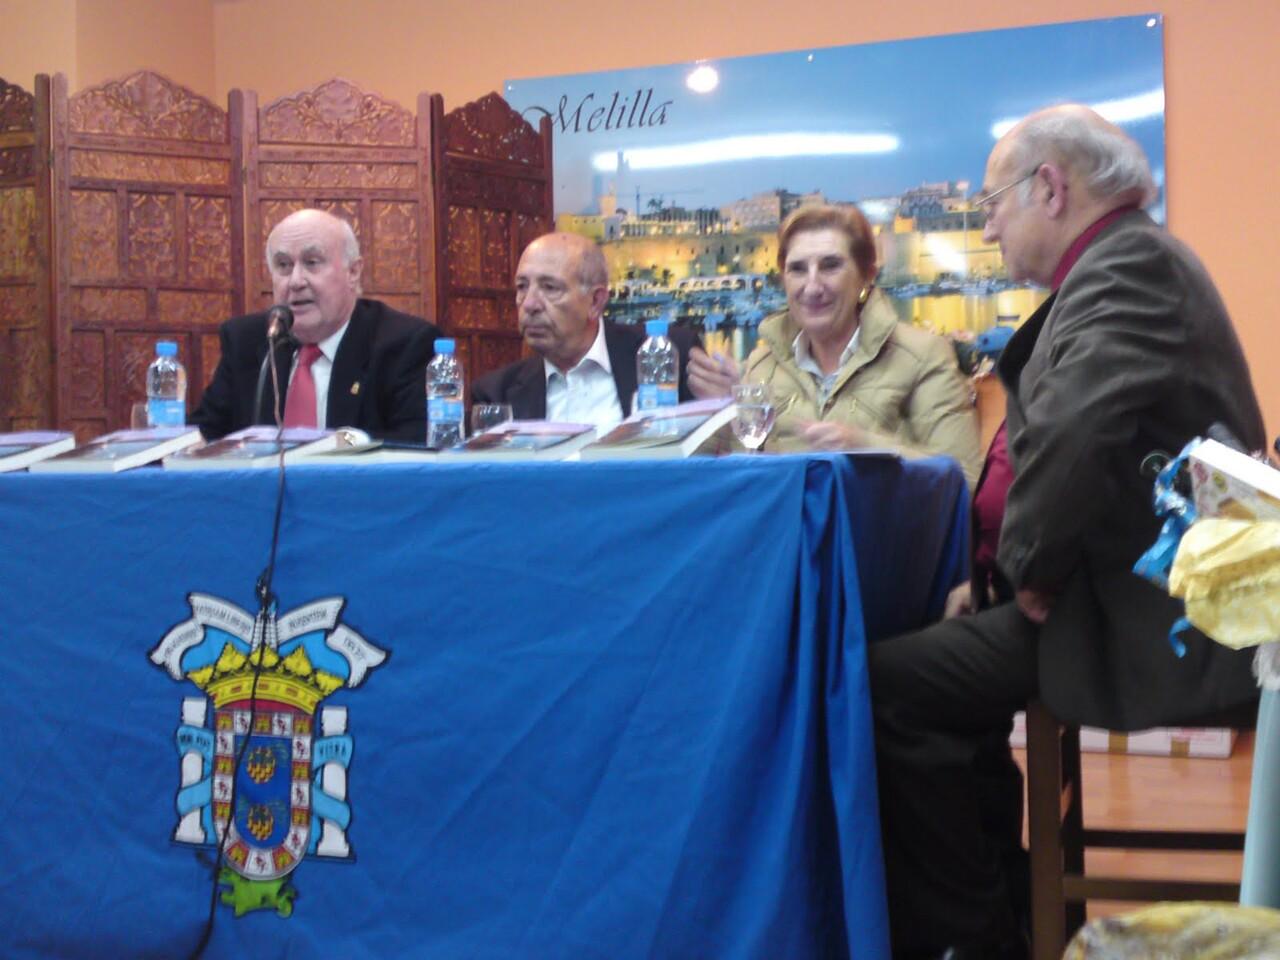 El presidente de la casa de Melilla preside un acto en la casa/sergio-cipriano.blogspot.com.es